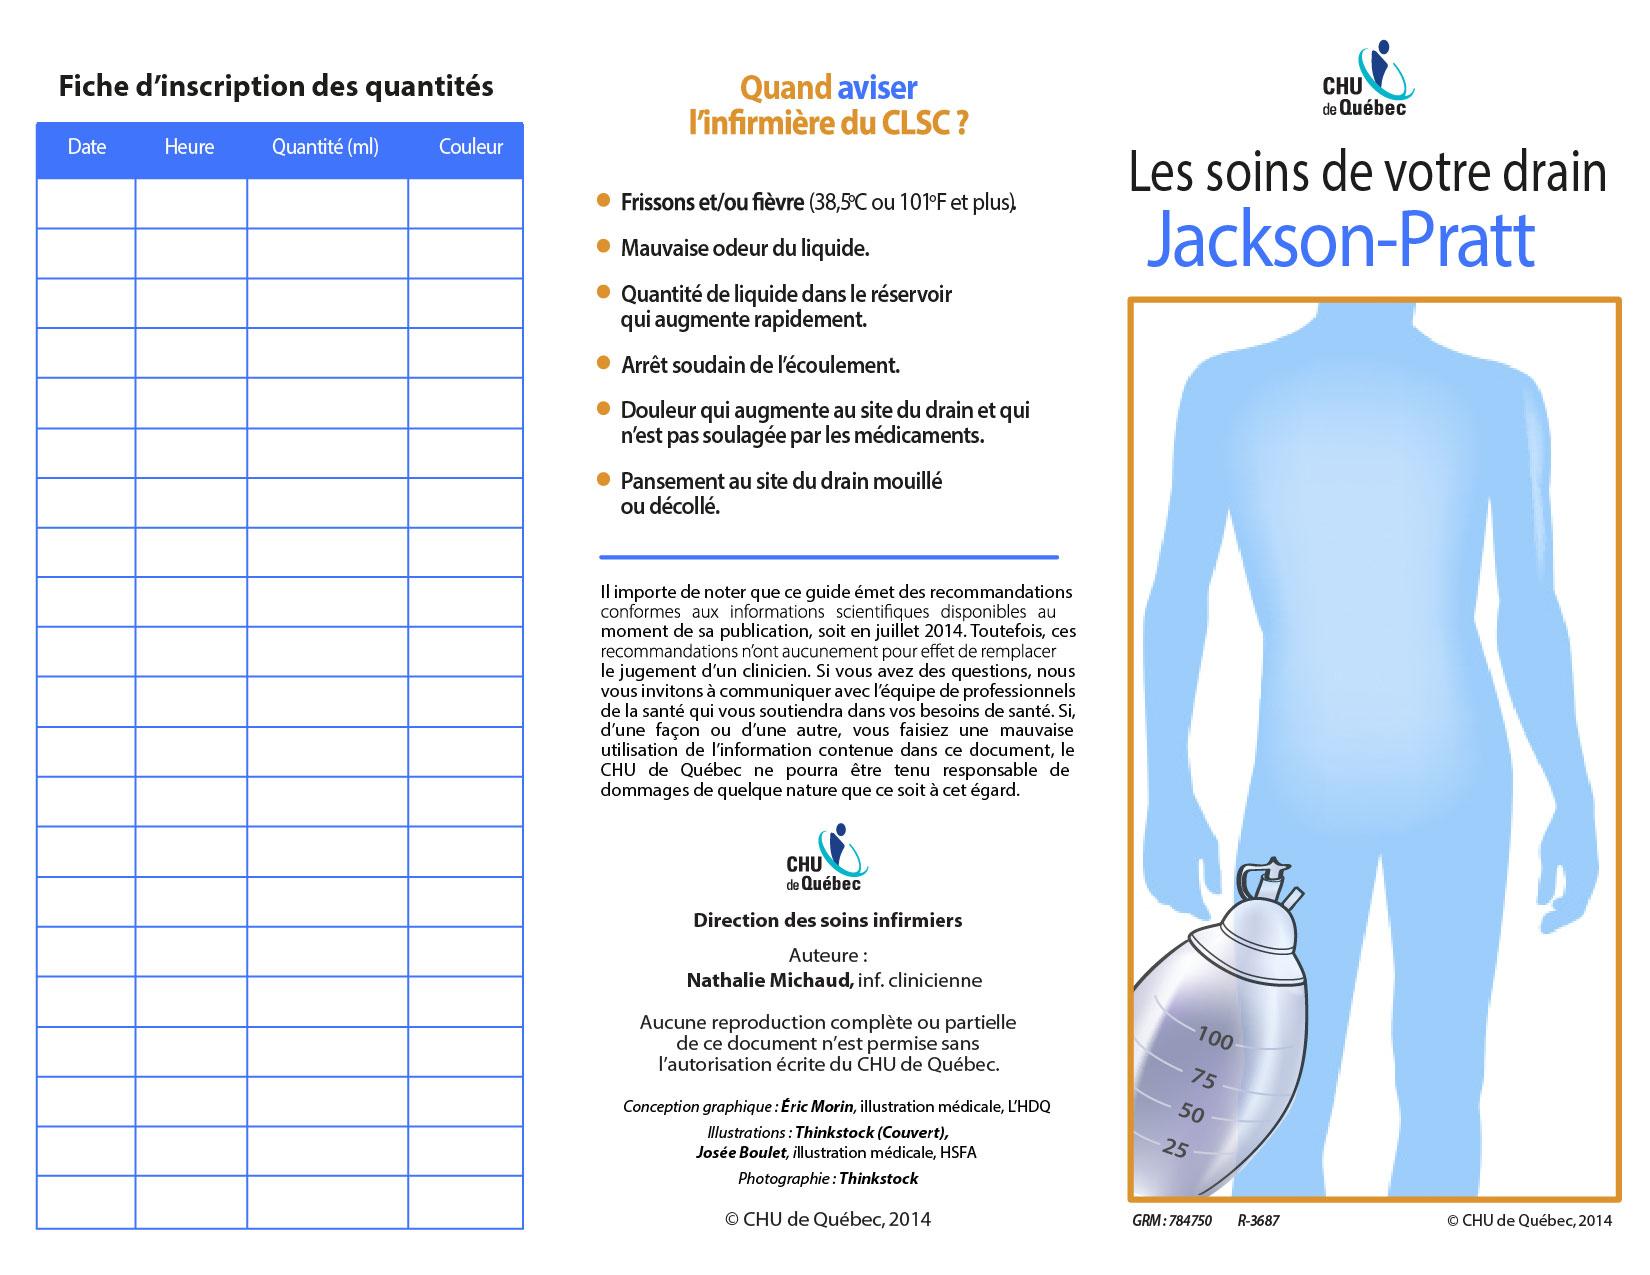 prendre-soin-drain-Jackson-Pratt-cancer-prostate